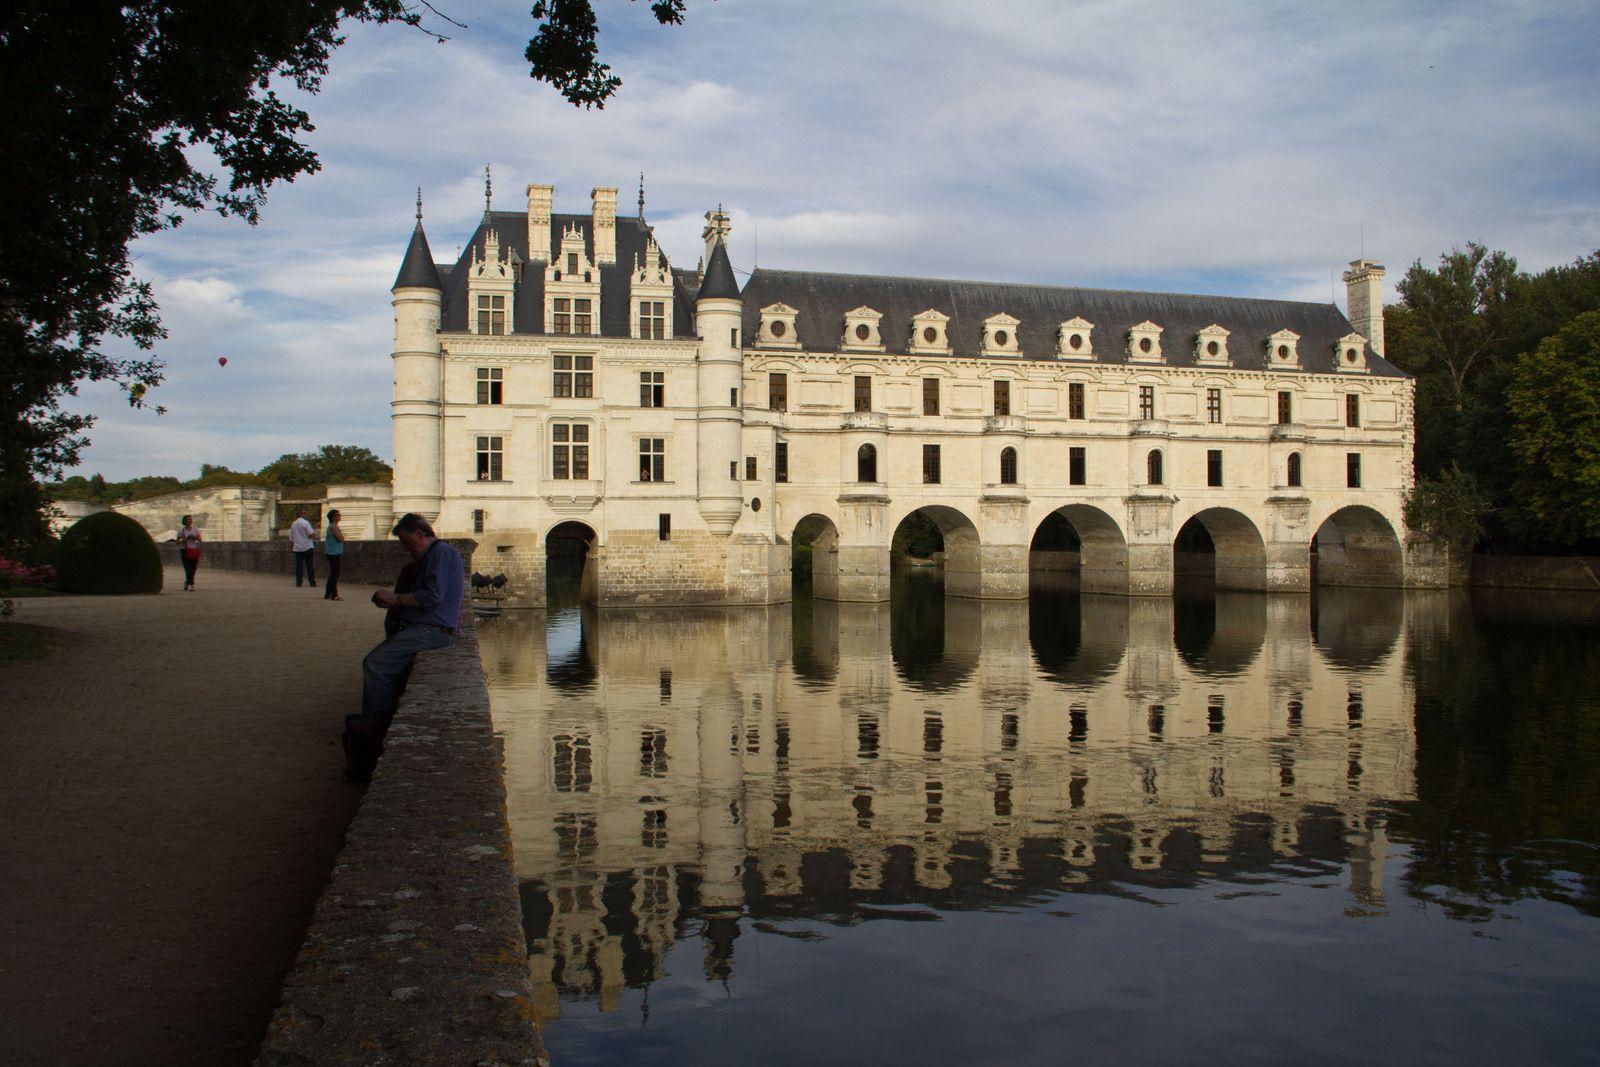 Château de Chenonceaux, dénommé le château des dames - Dates de visite : août 1996 et septembre 2012